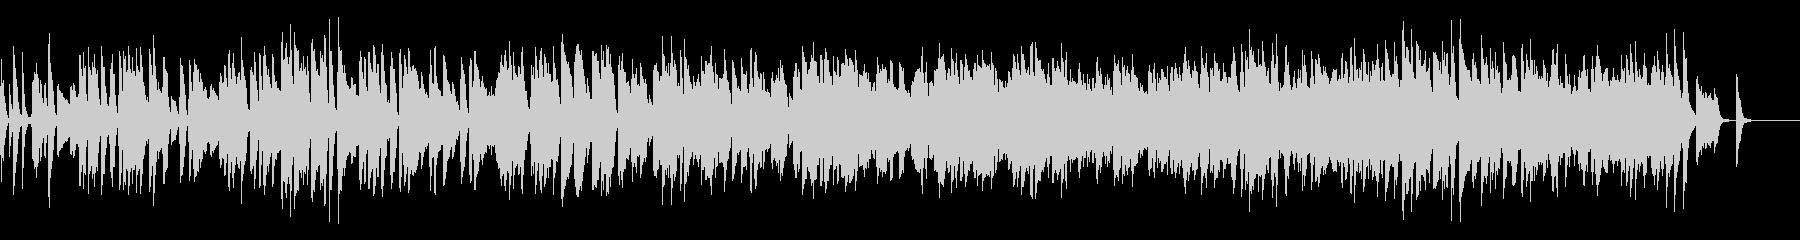 CM 2.昼 ティータイム ボサノバの未再生の波形